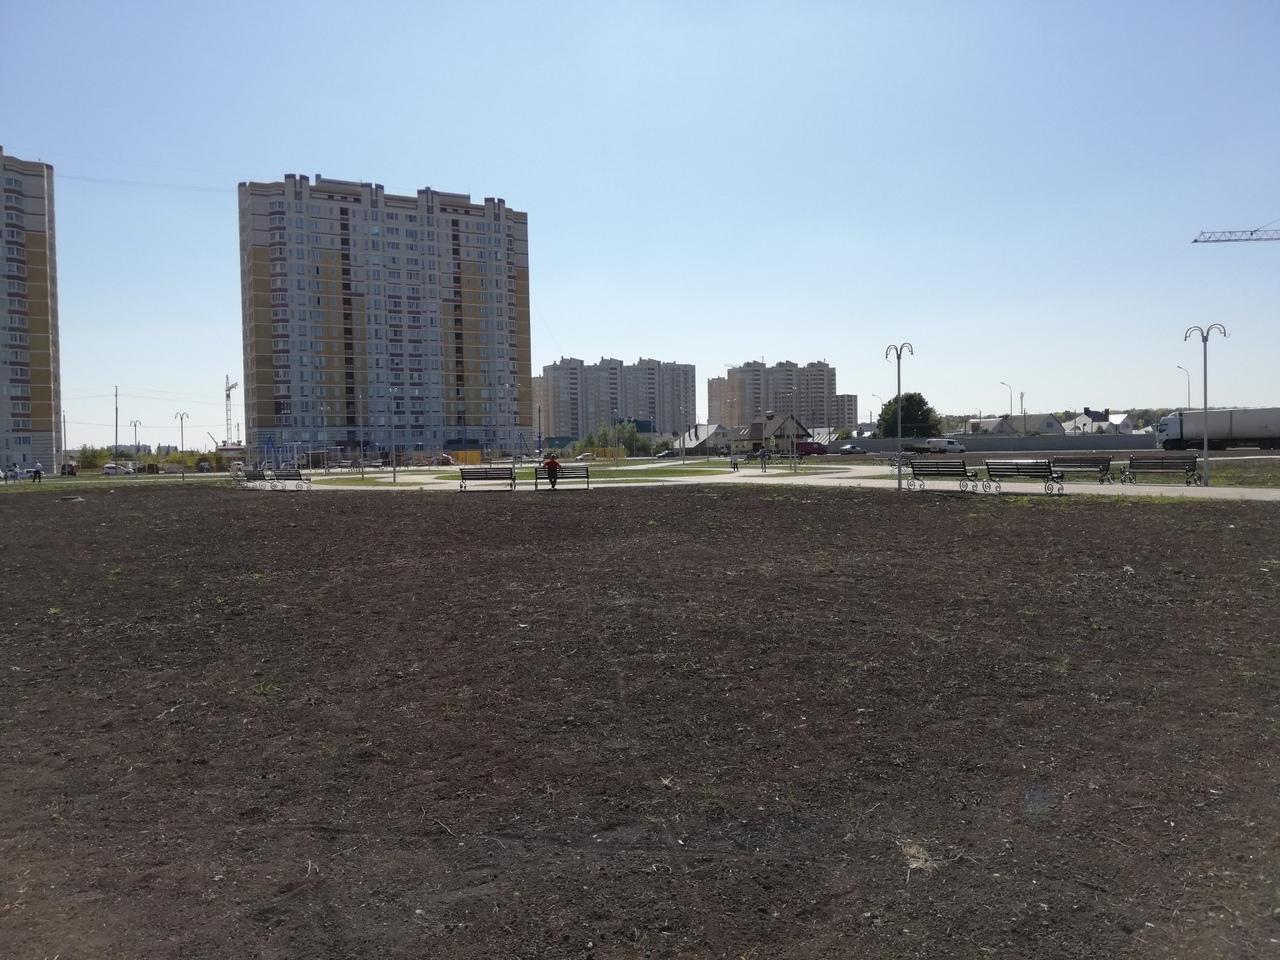 В Олимпийском парке Тамбова в рамках строительства на дополнительные 100 млн рублей поставили компактную сцену и выложили олимпийские кольца из тротуарной плитки